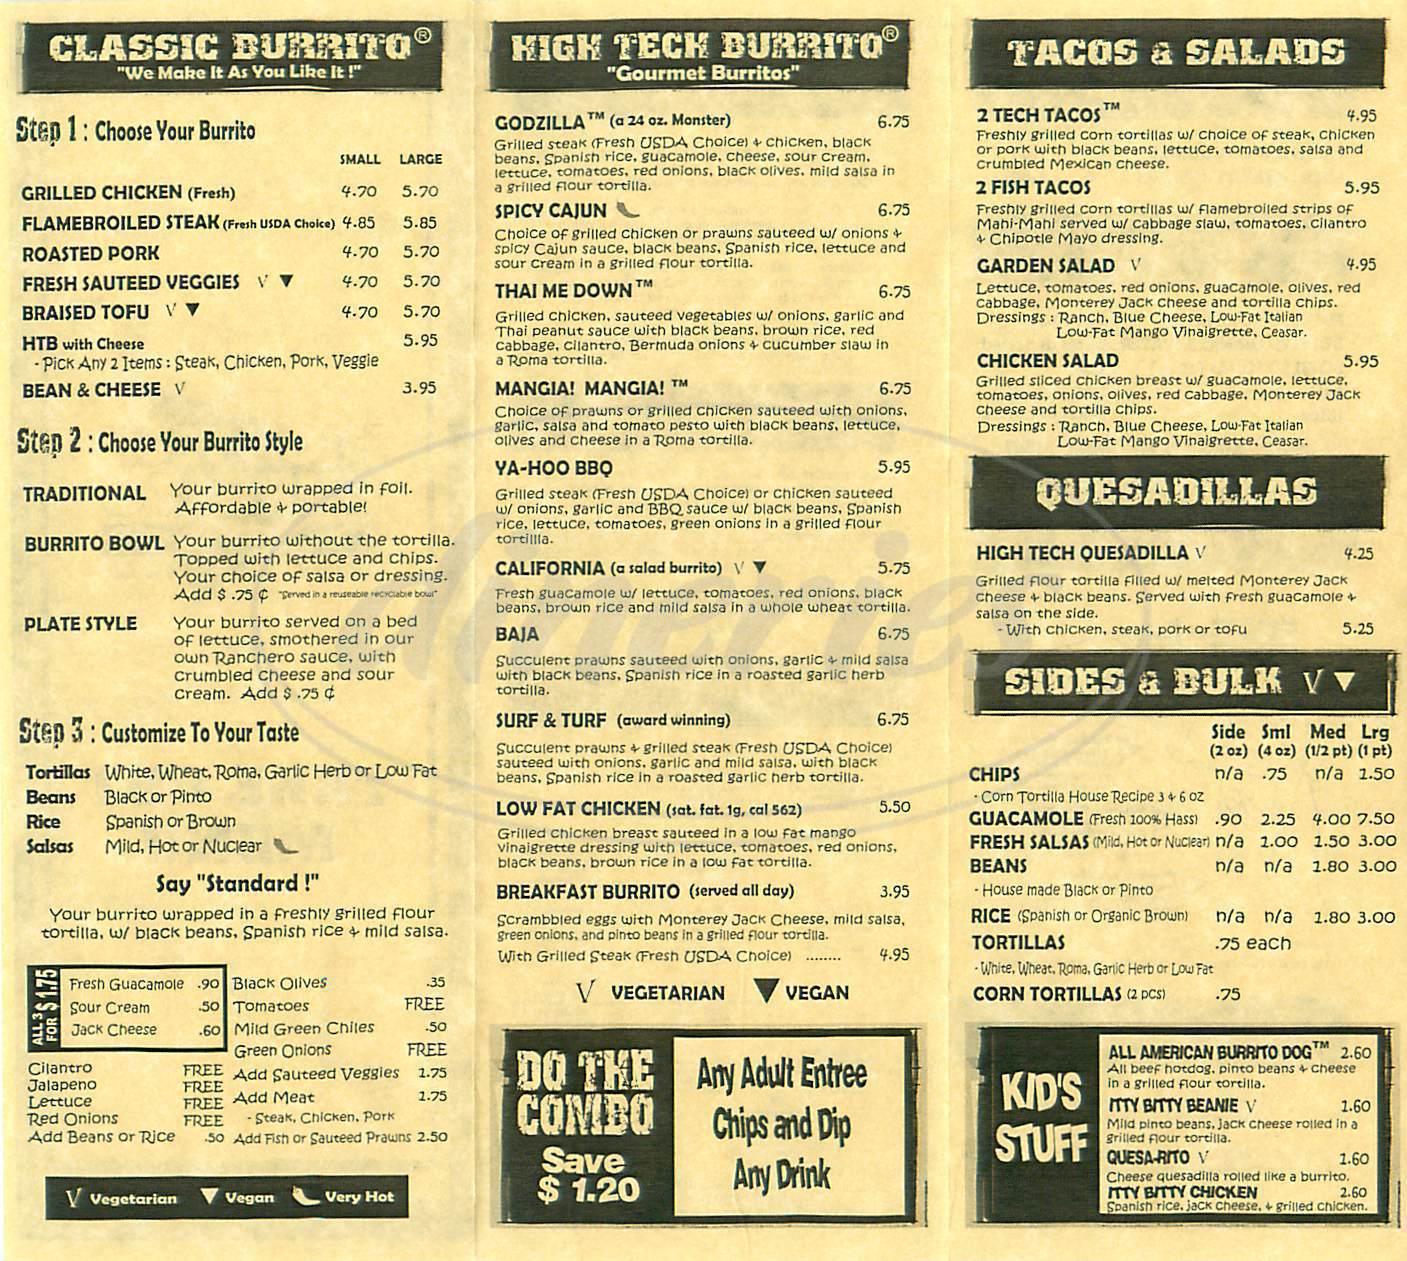 menu for High Tech Burrito